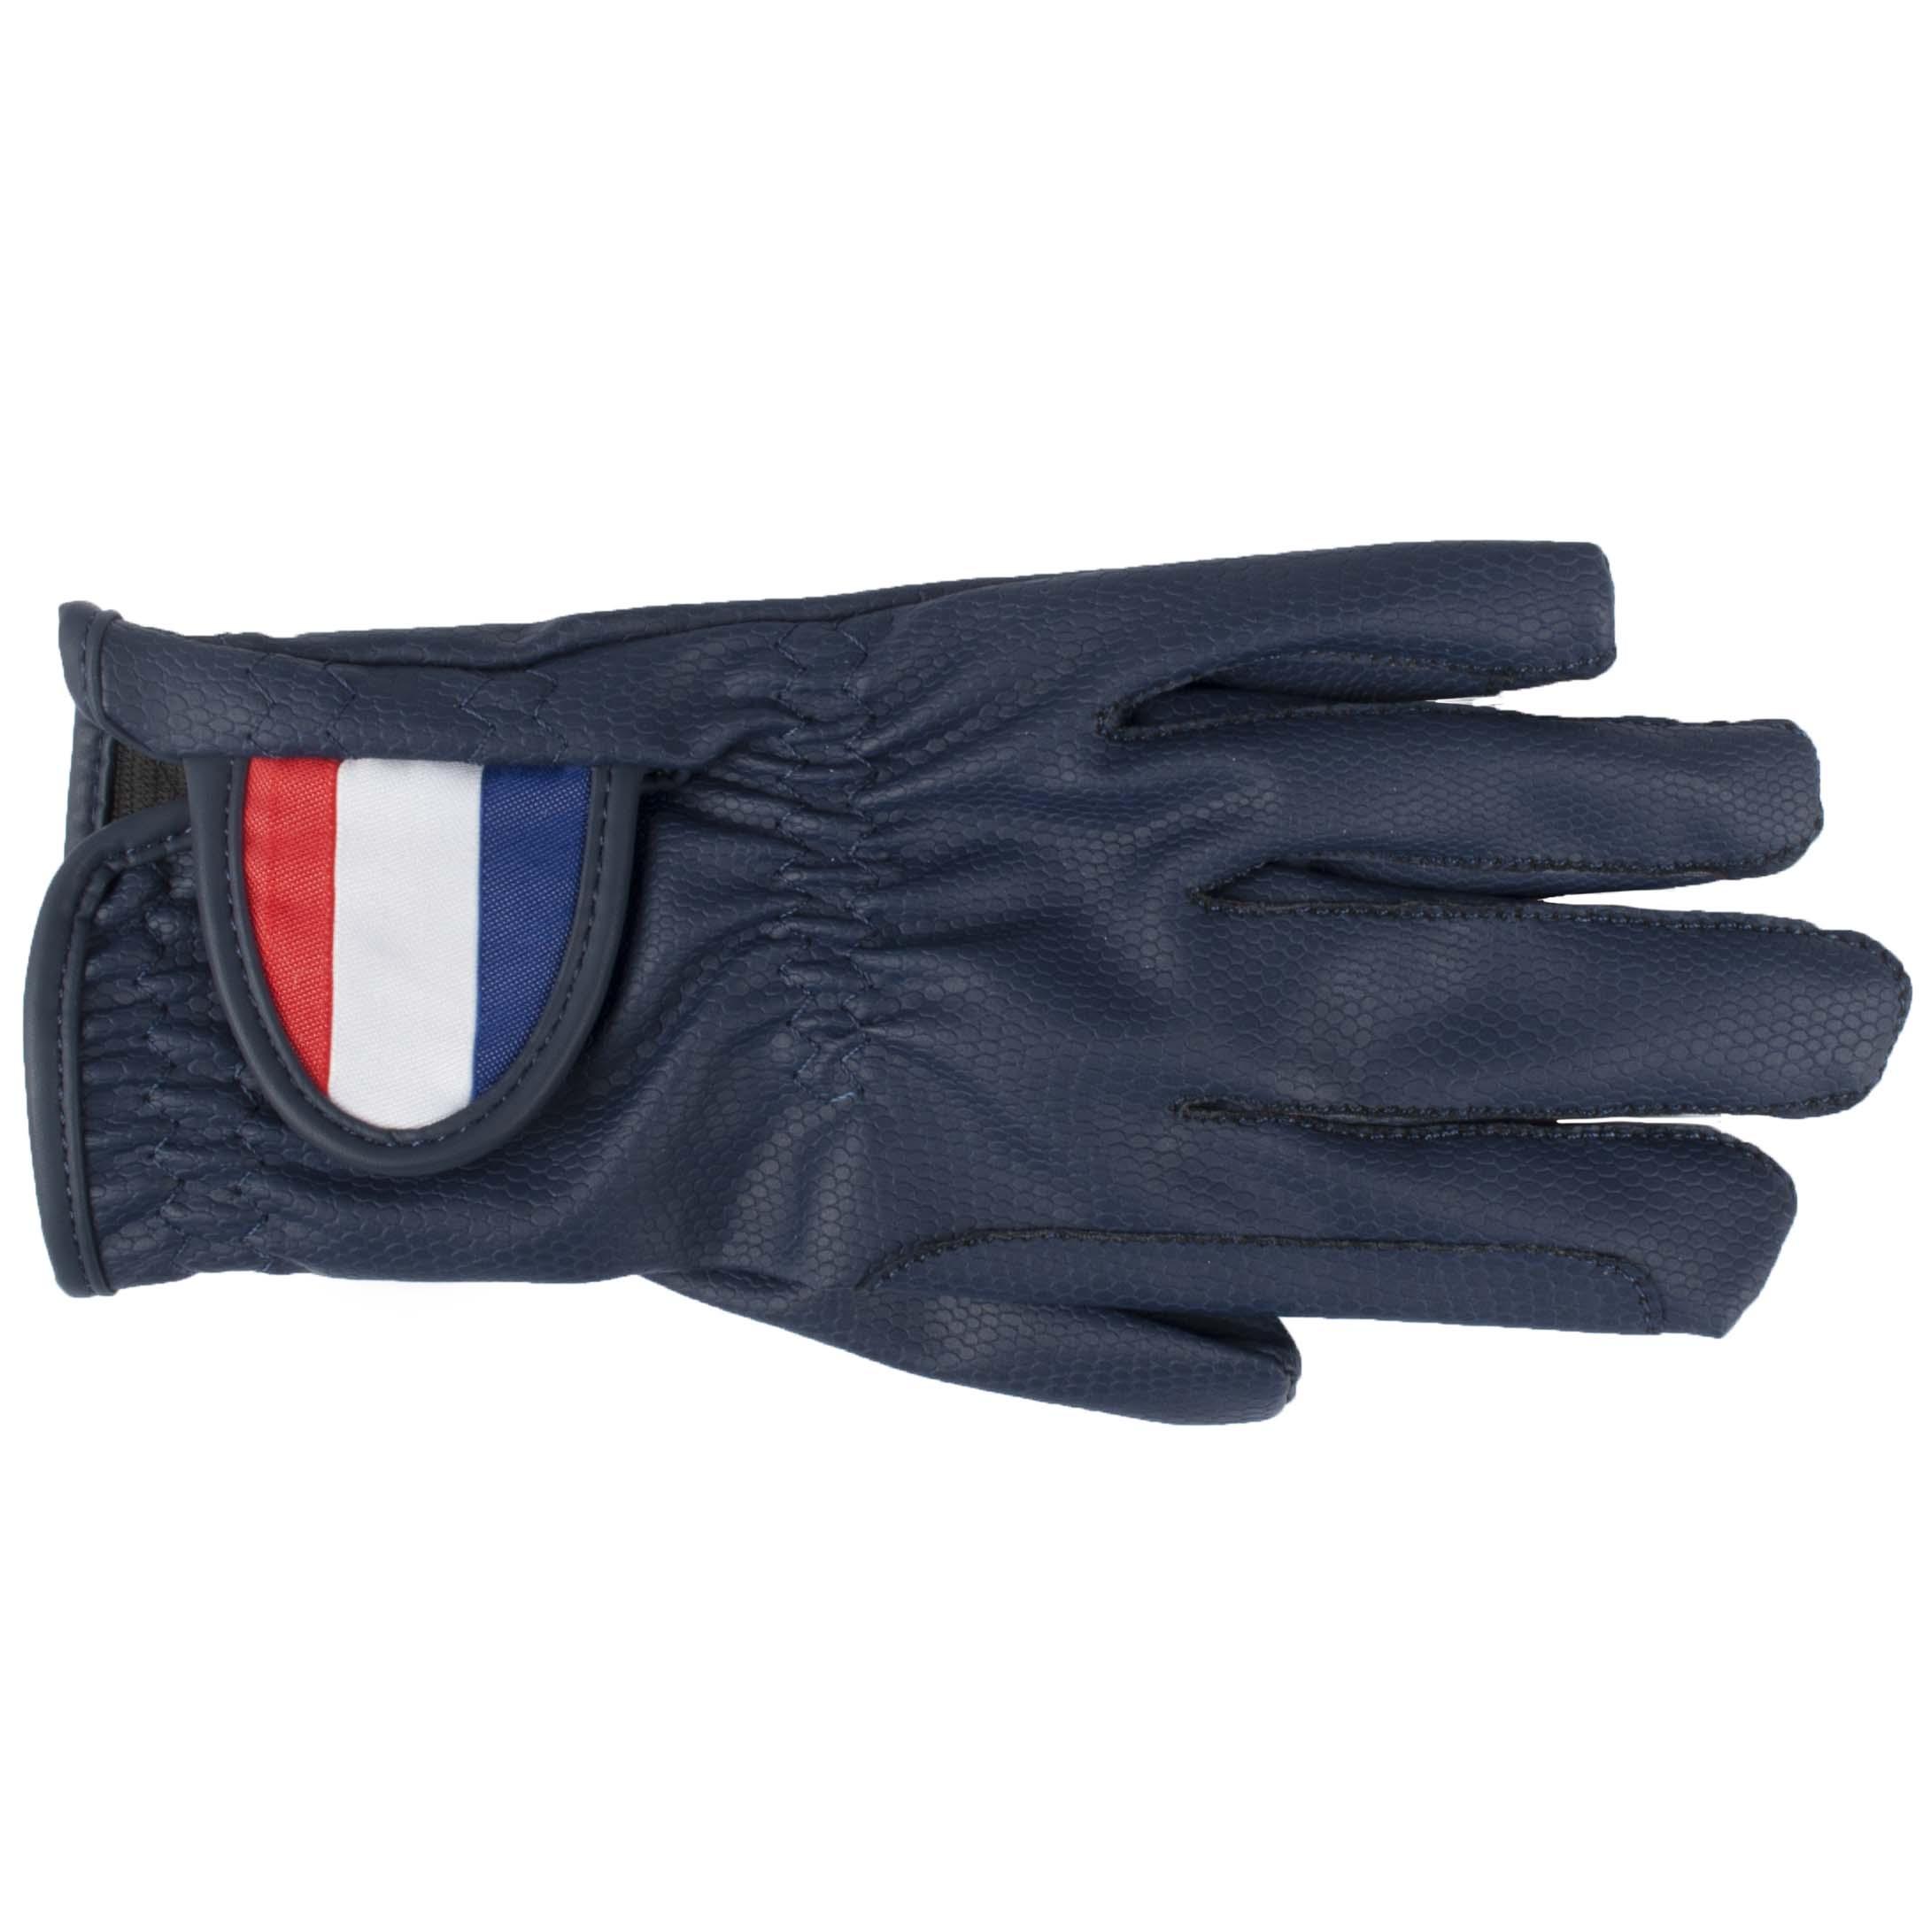 Mondoni Netherlands handschoenen donkerblauw maat:7